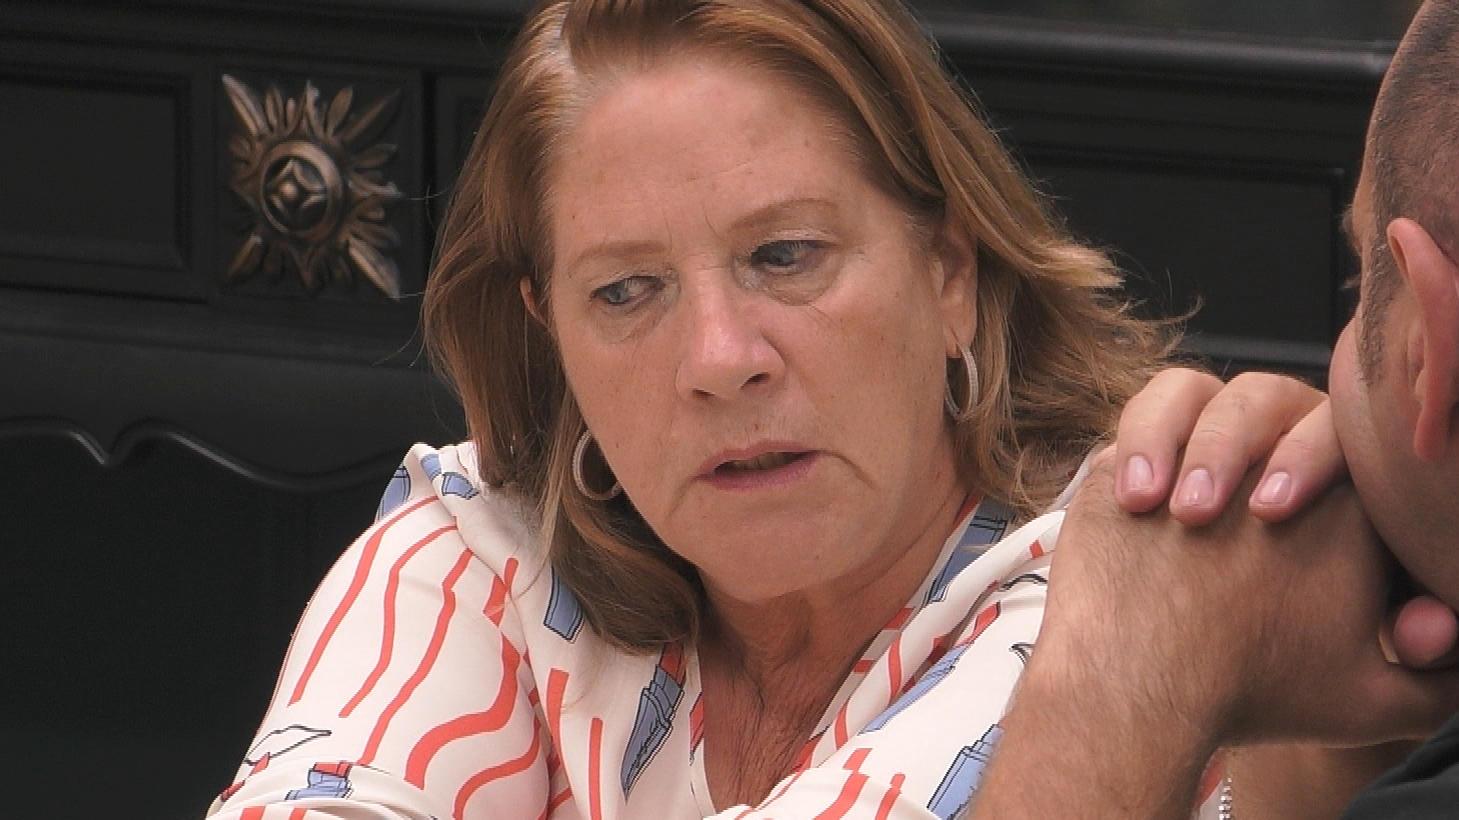 Kathy Kelly erhält keine Grüße von ihrer Familie